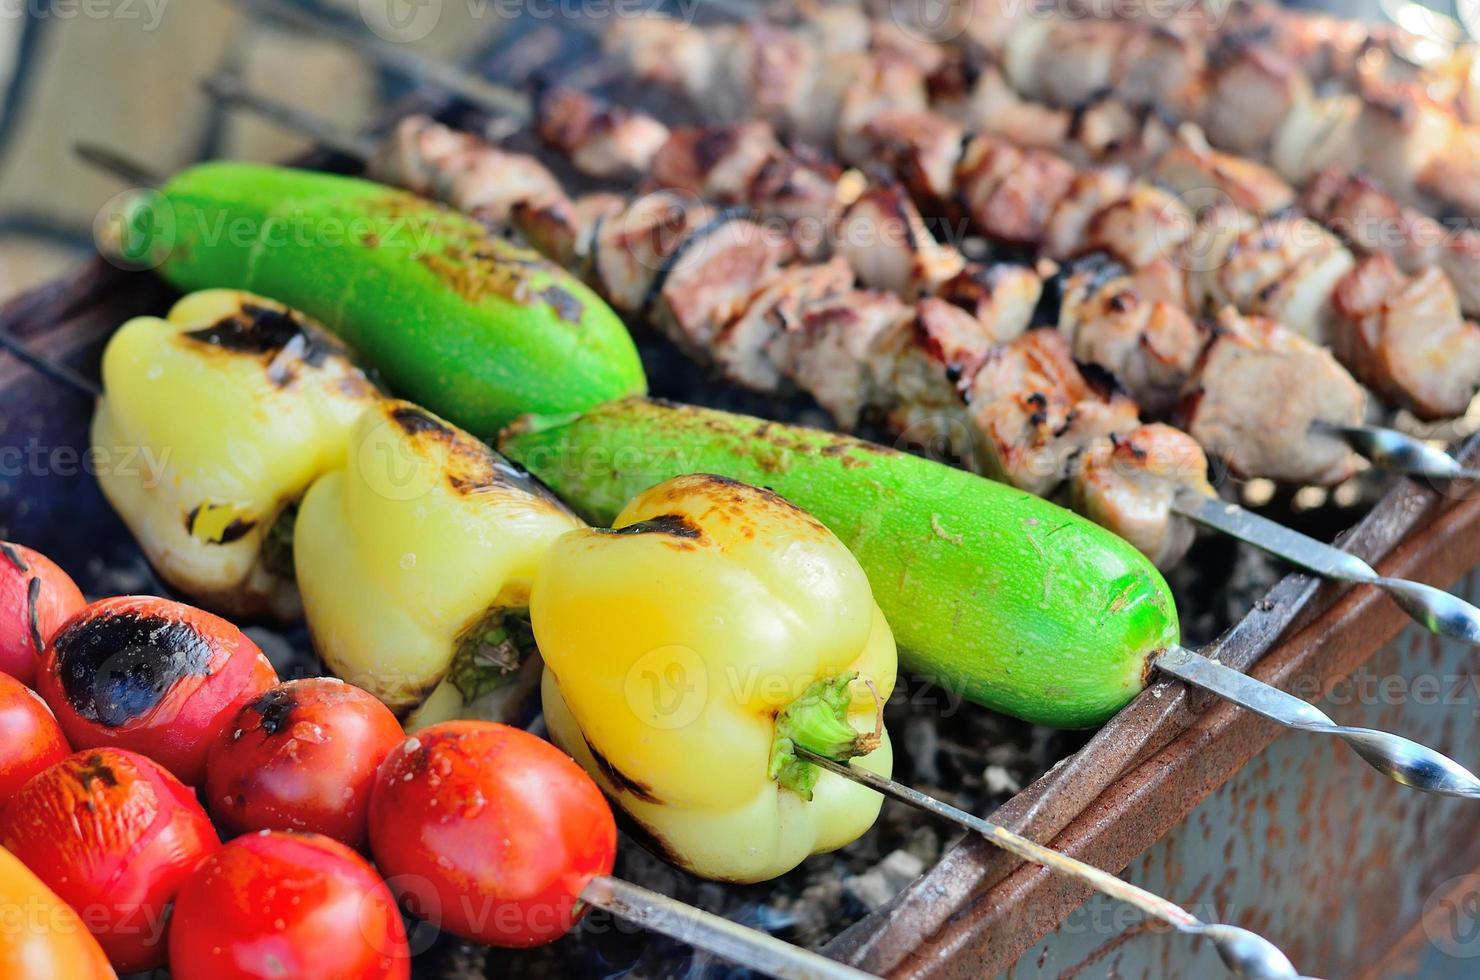 grillgrönsaker och kött. foto